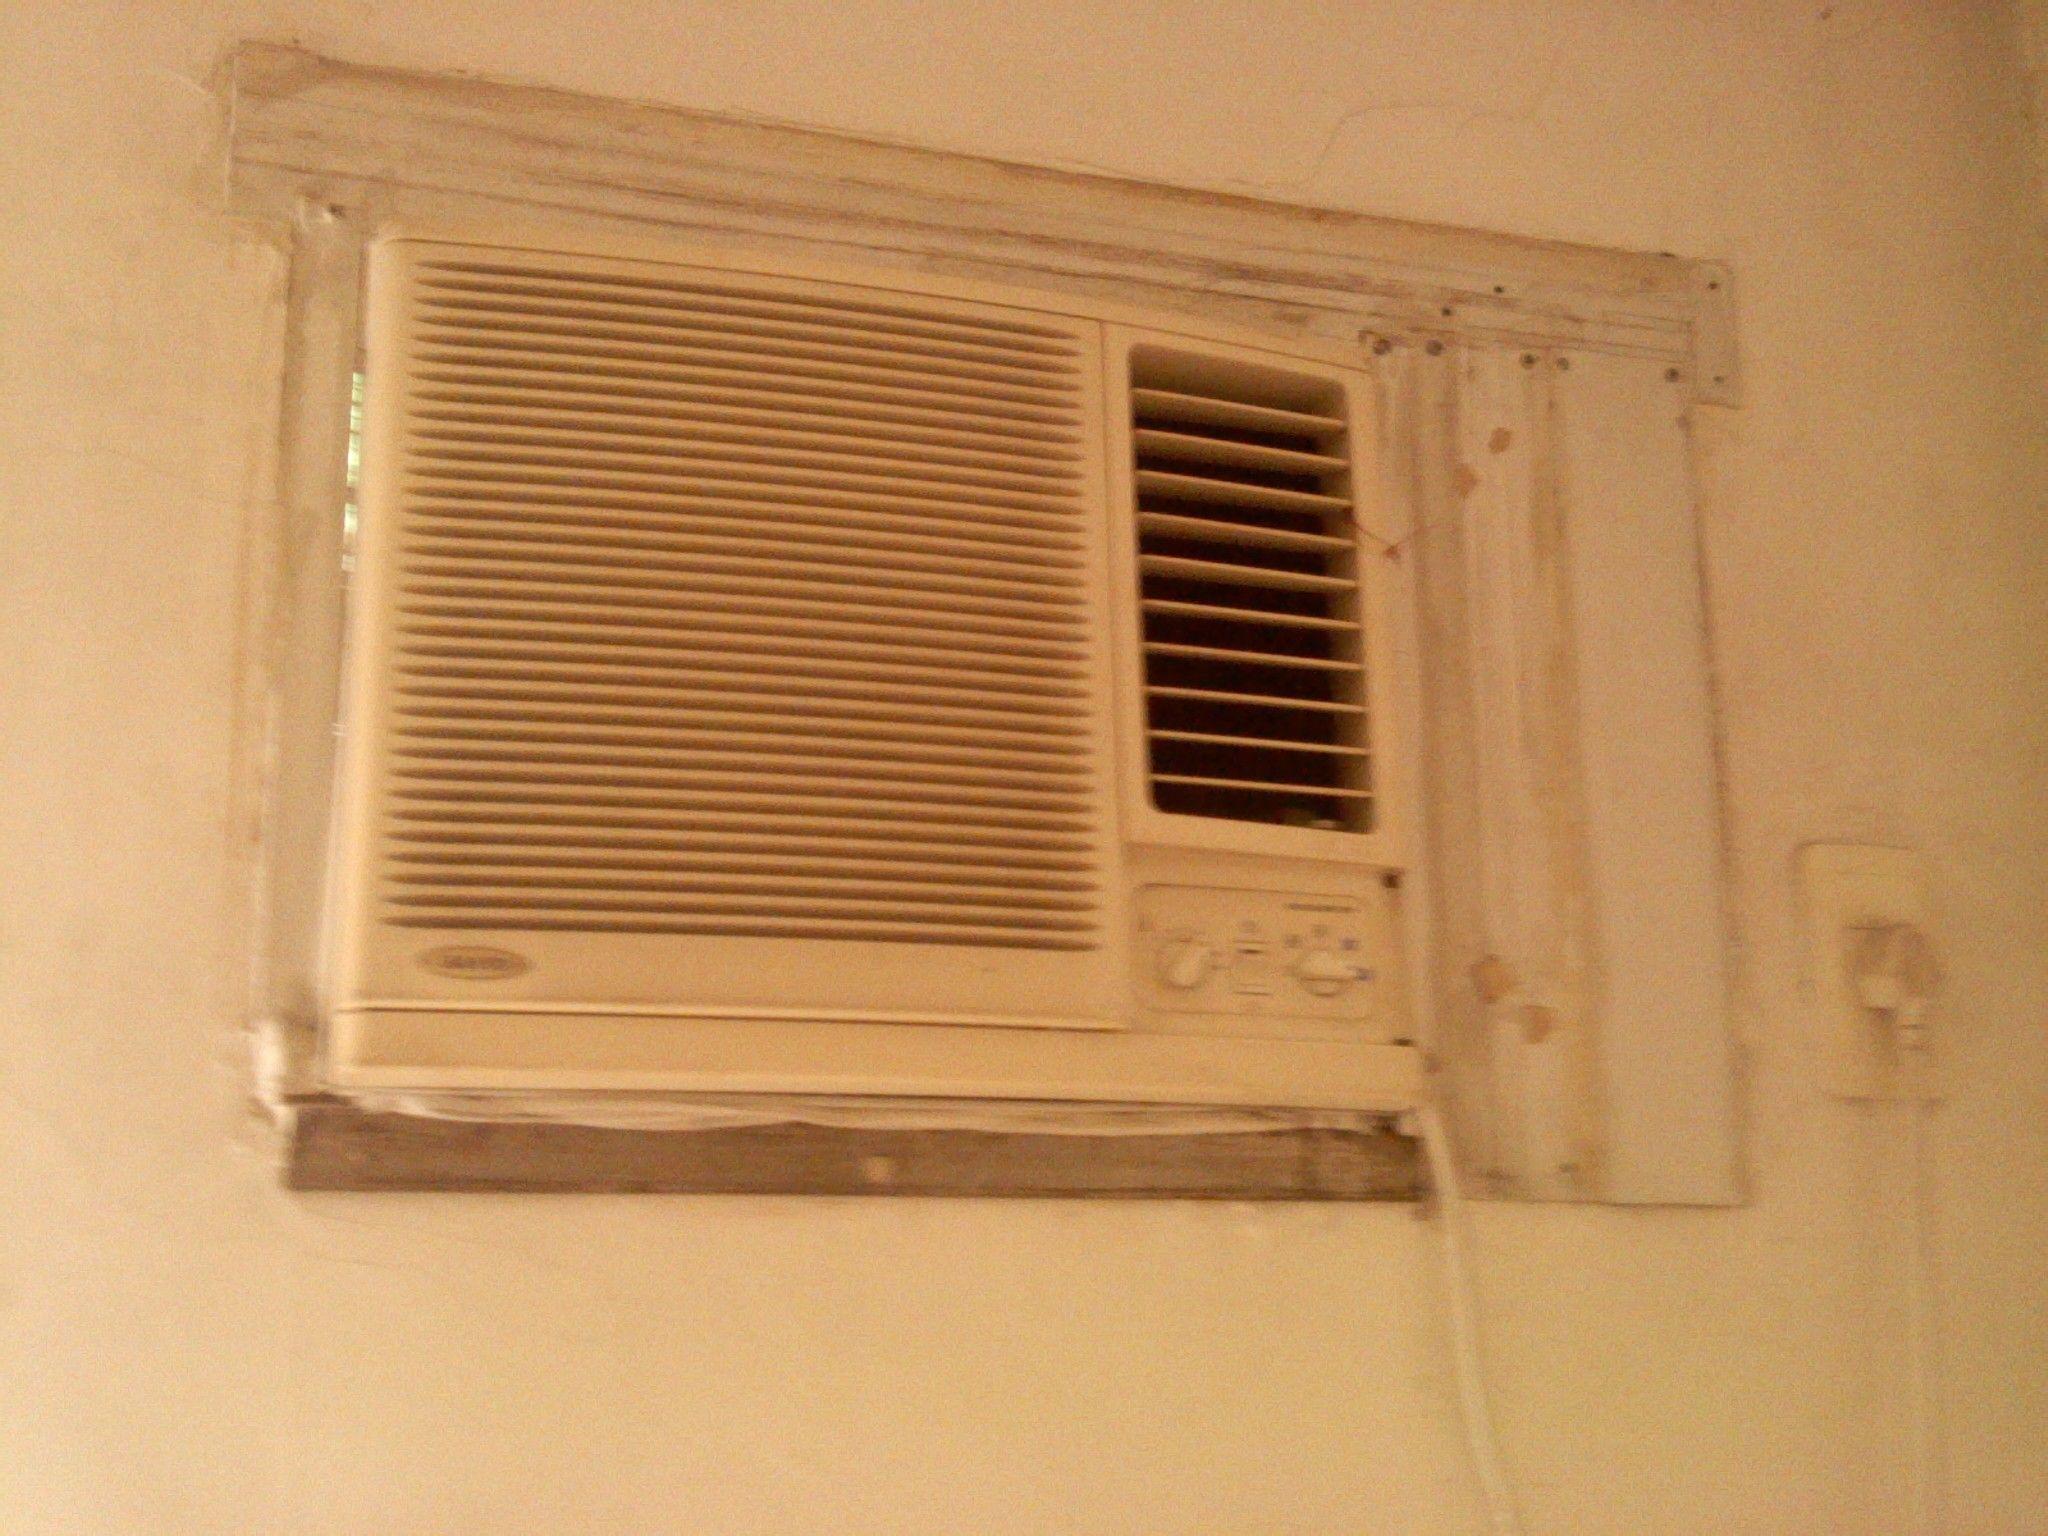 空调功率1匹是多少_三洋老式窗机空调~~功率是多大~~制冷开到一半每小时耗电大概是 ...